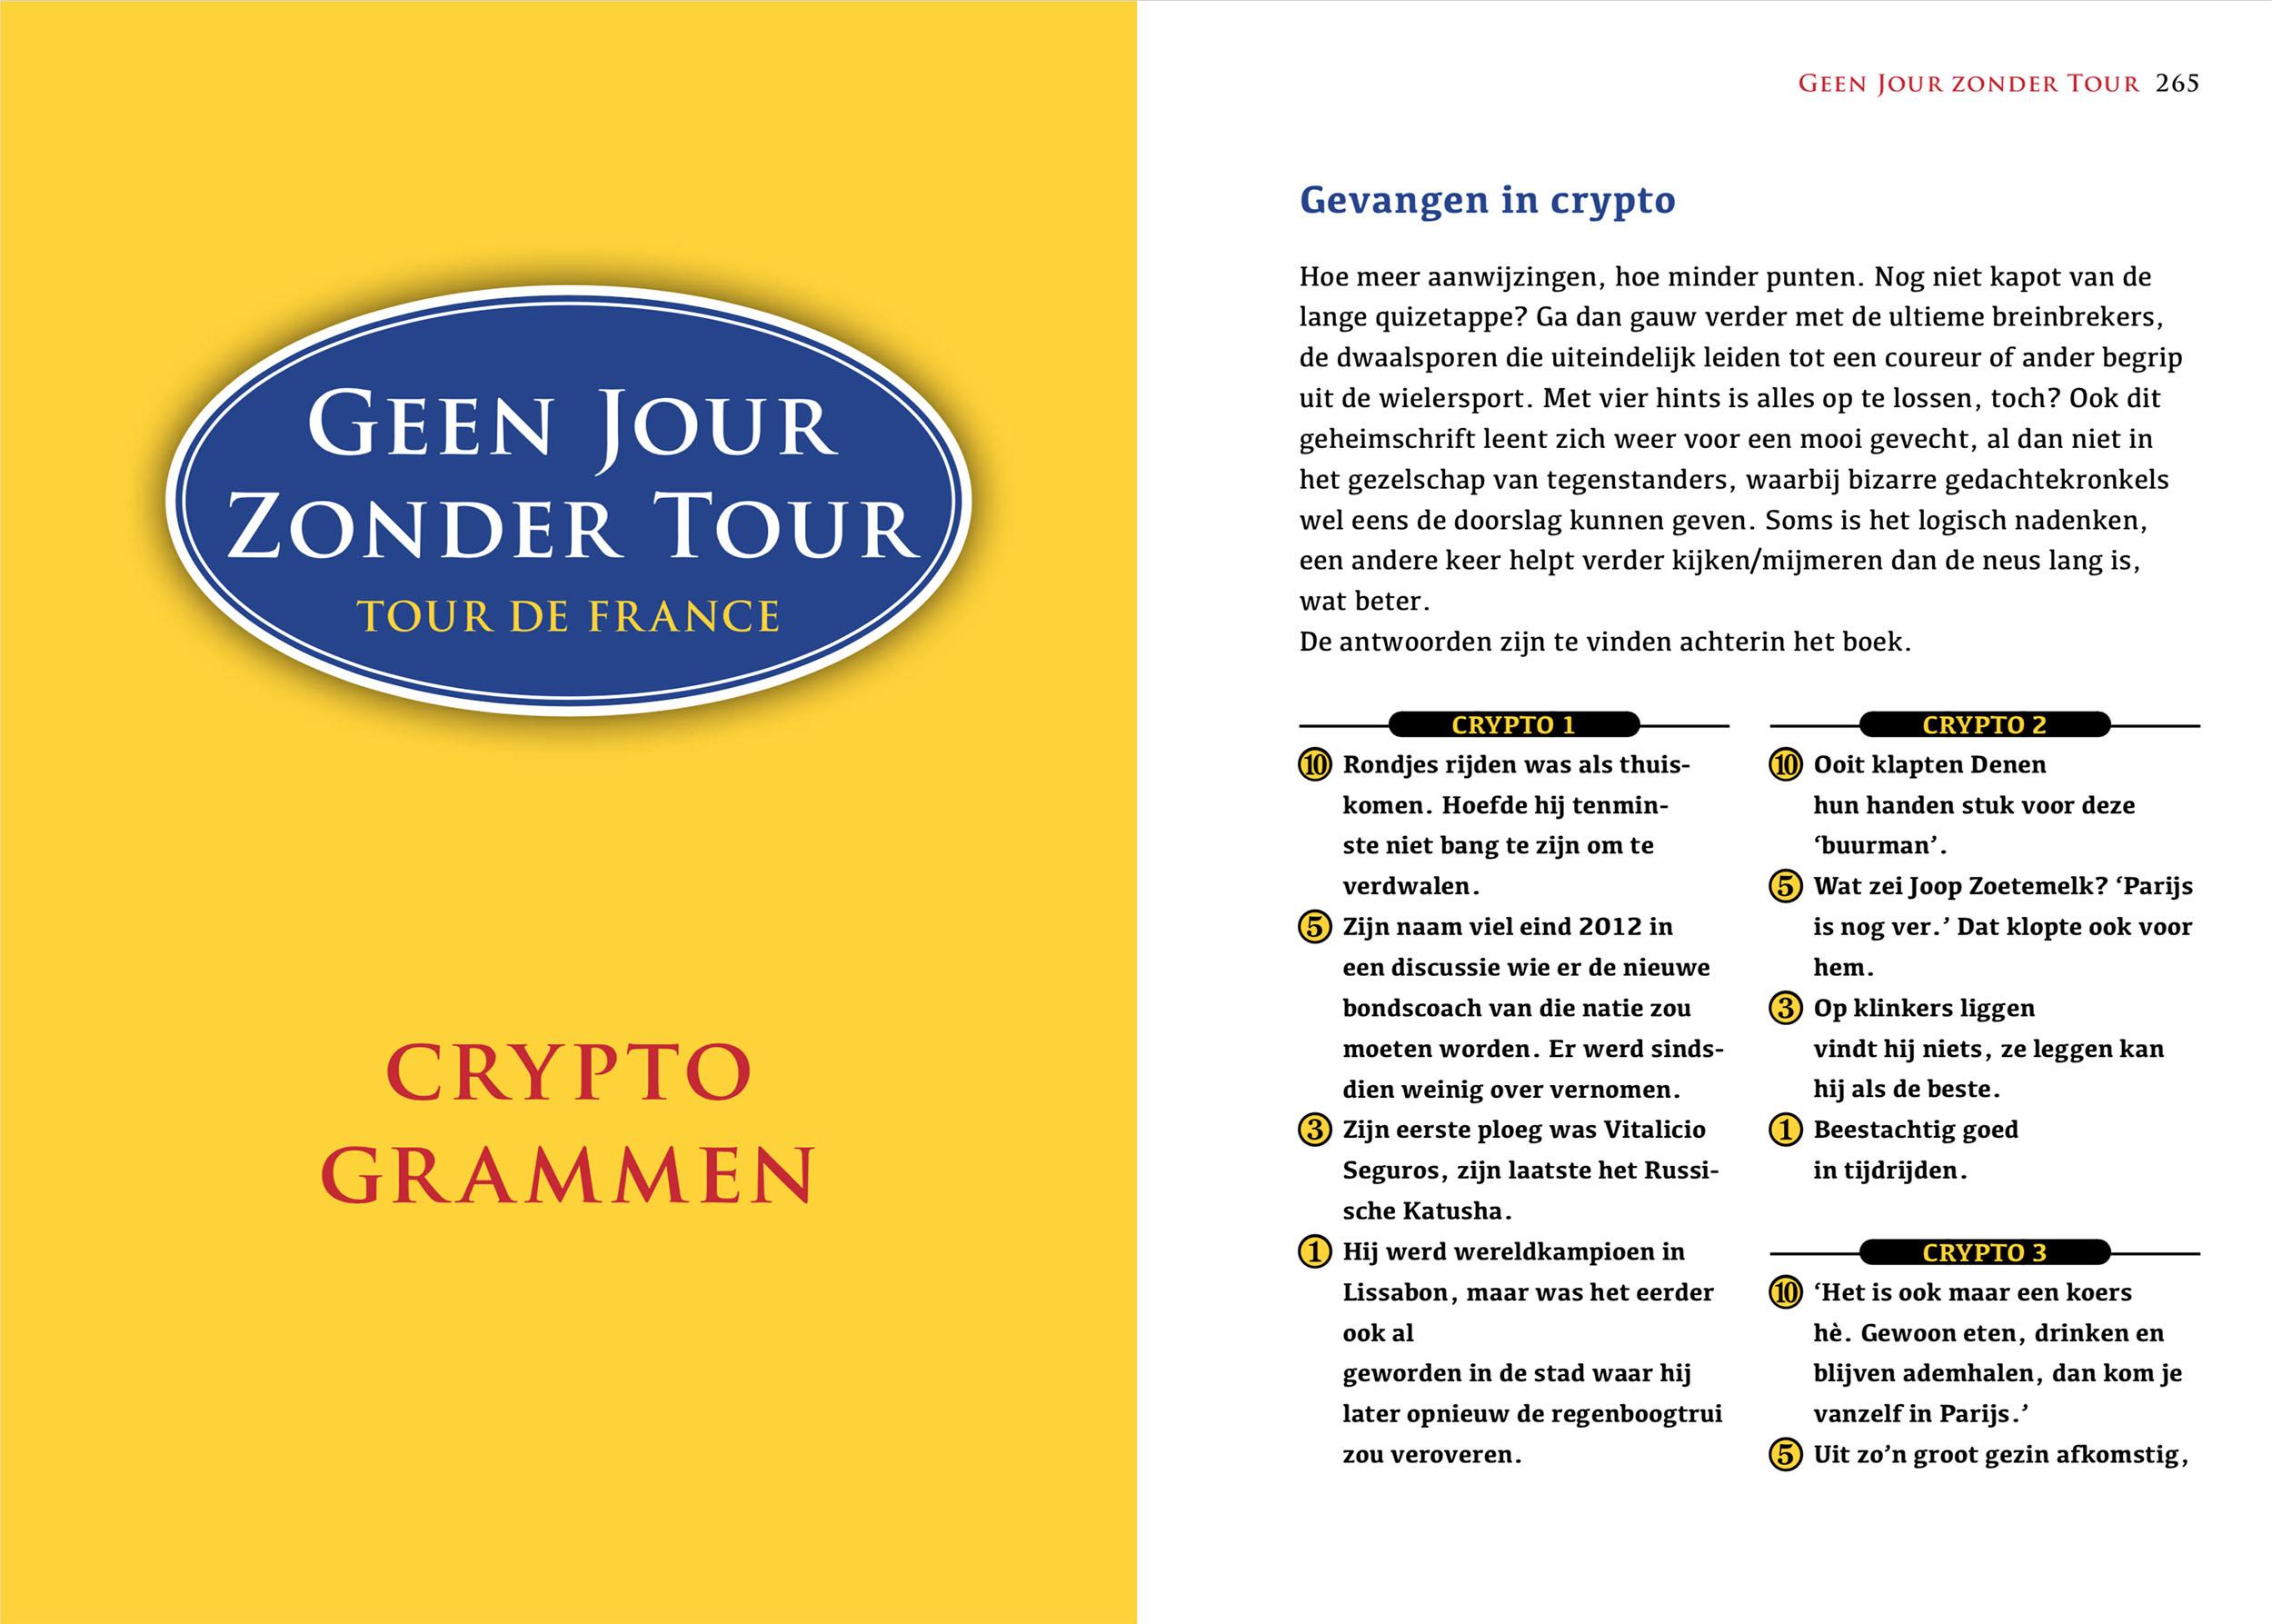 Geen Jour Zonder Tour (binnenwerk, cryptogrammen)